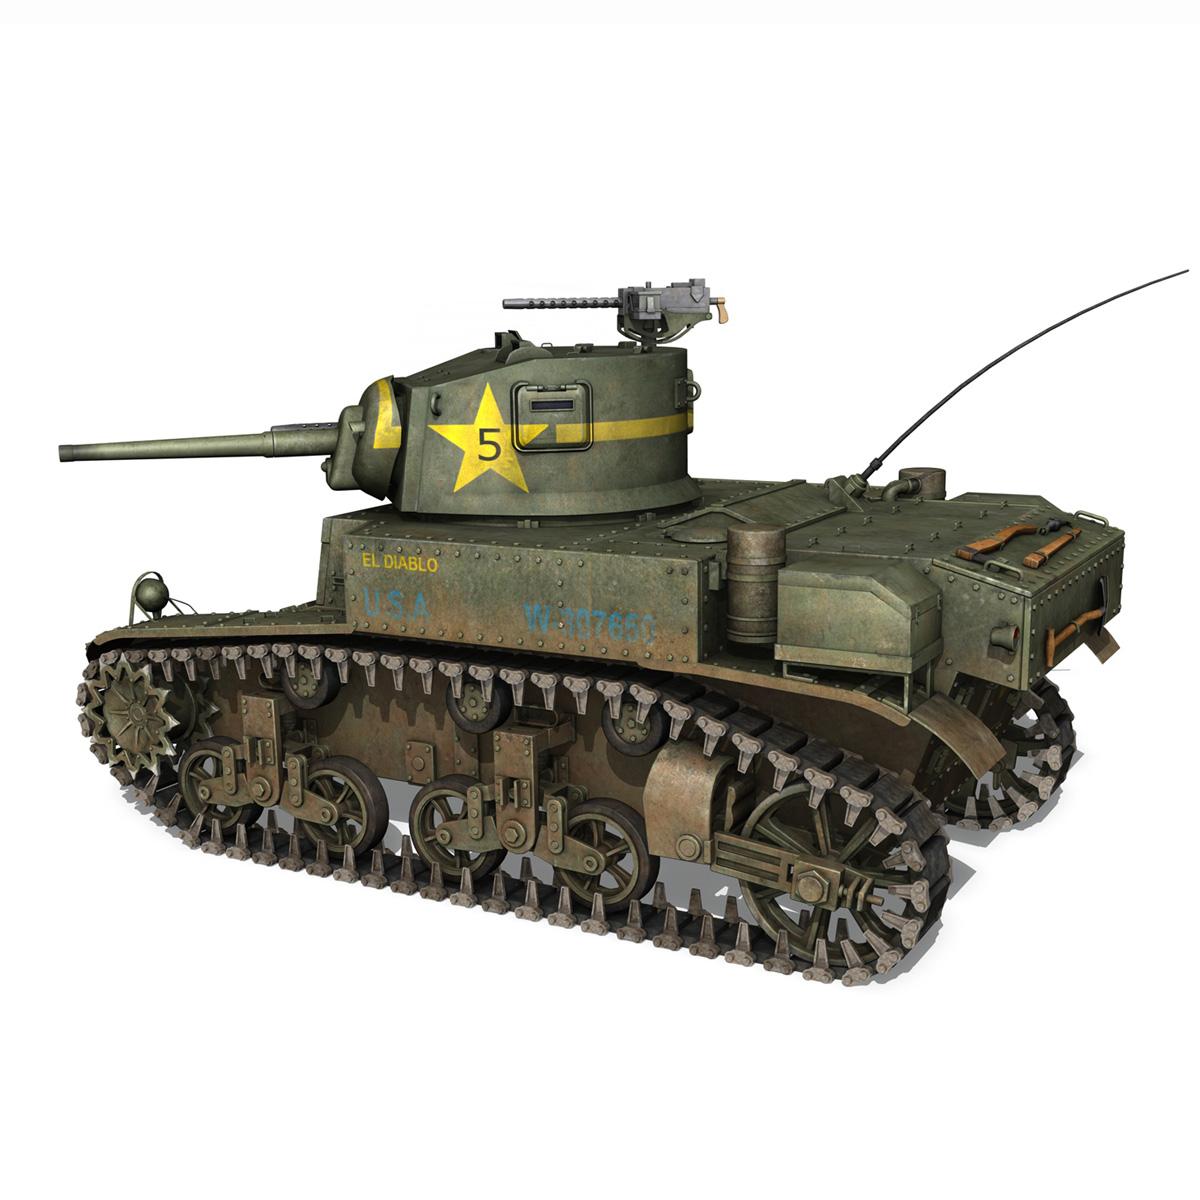 m3 light tank stuart – el diablo 3d model 3ds c4d fbx lwo lw lws obj 265356